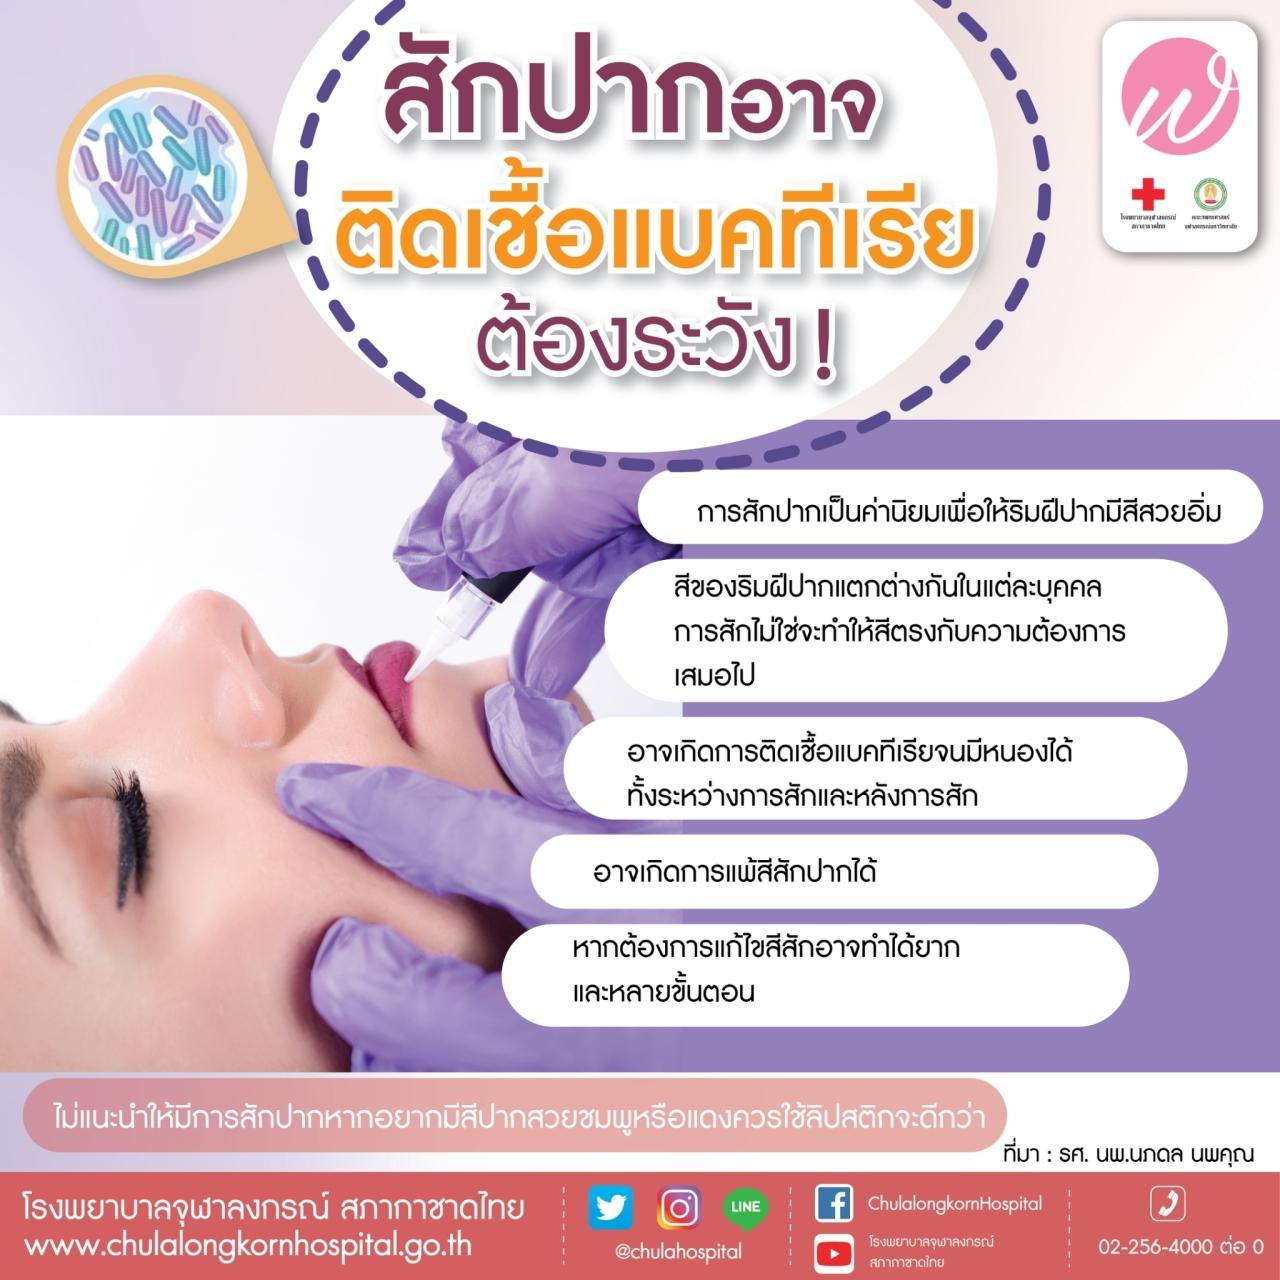 สักปากอาจติดเชื้อแบคทีเรีย ต้องระวัง